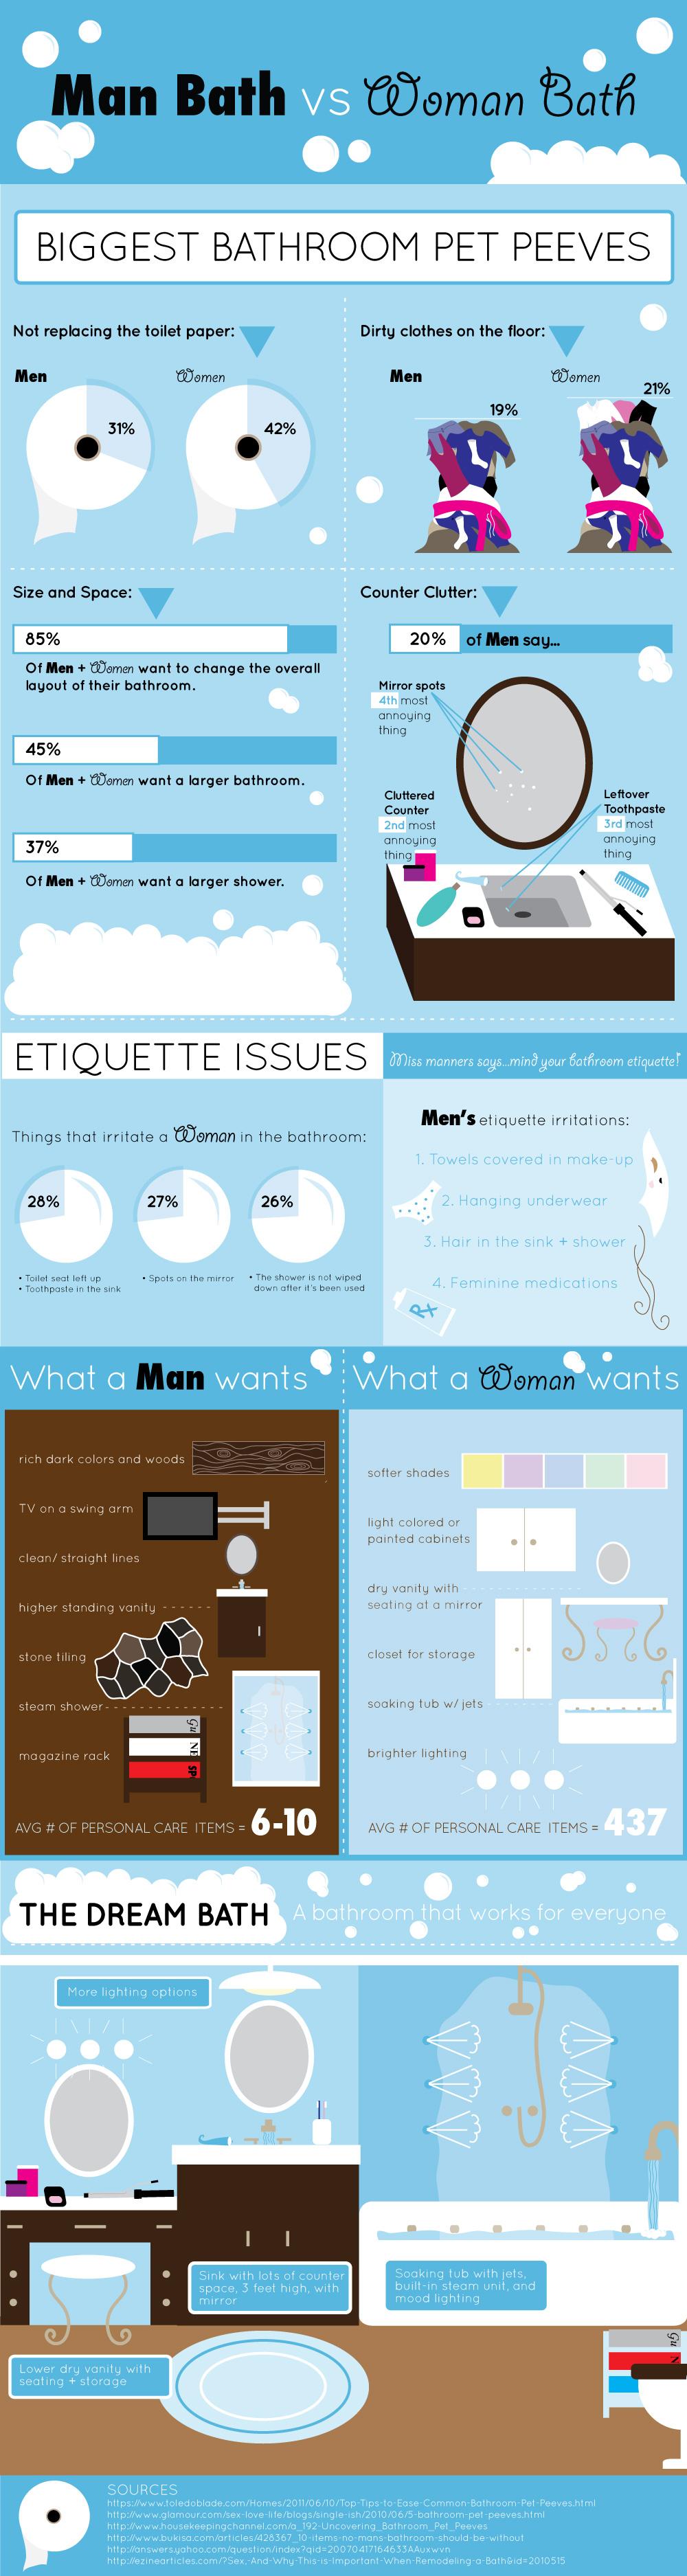 Man-Bath vs. Woman-Bath